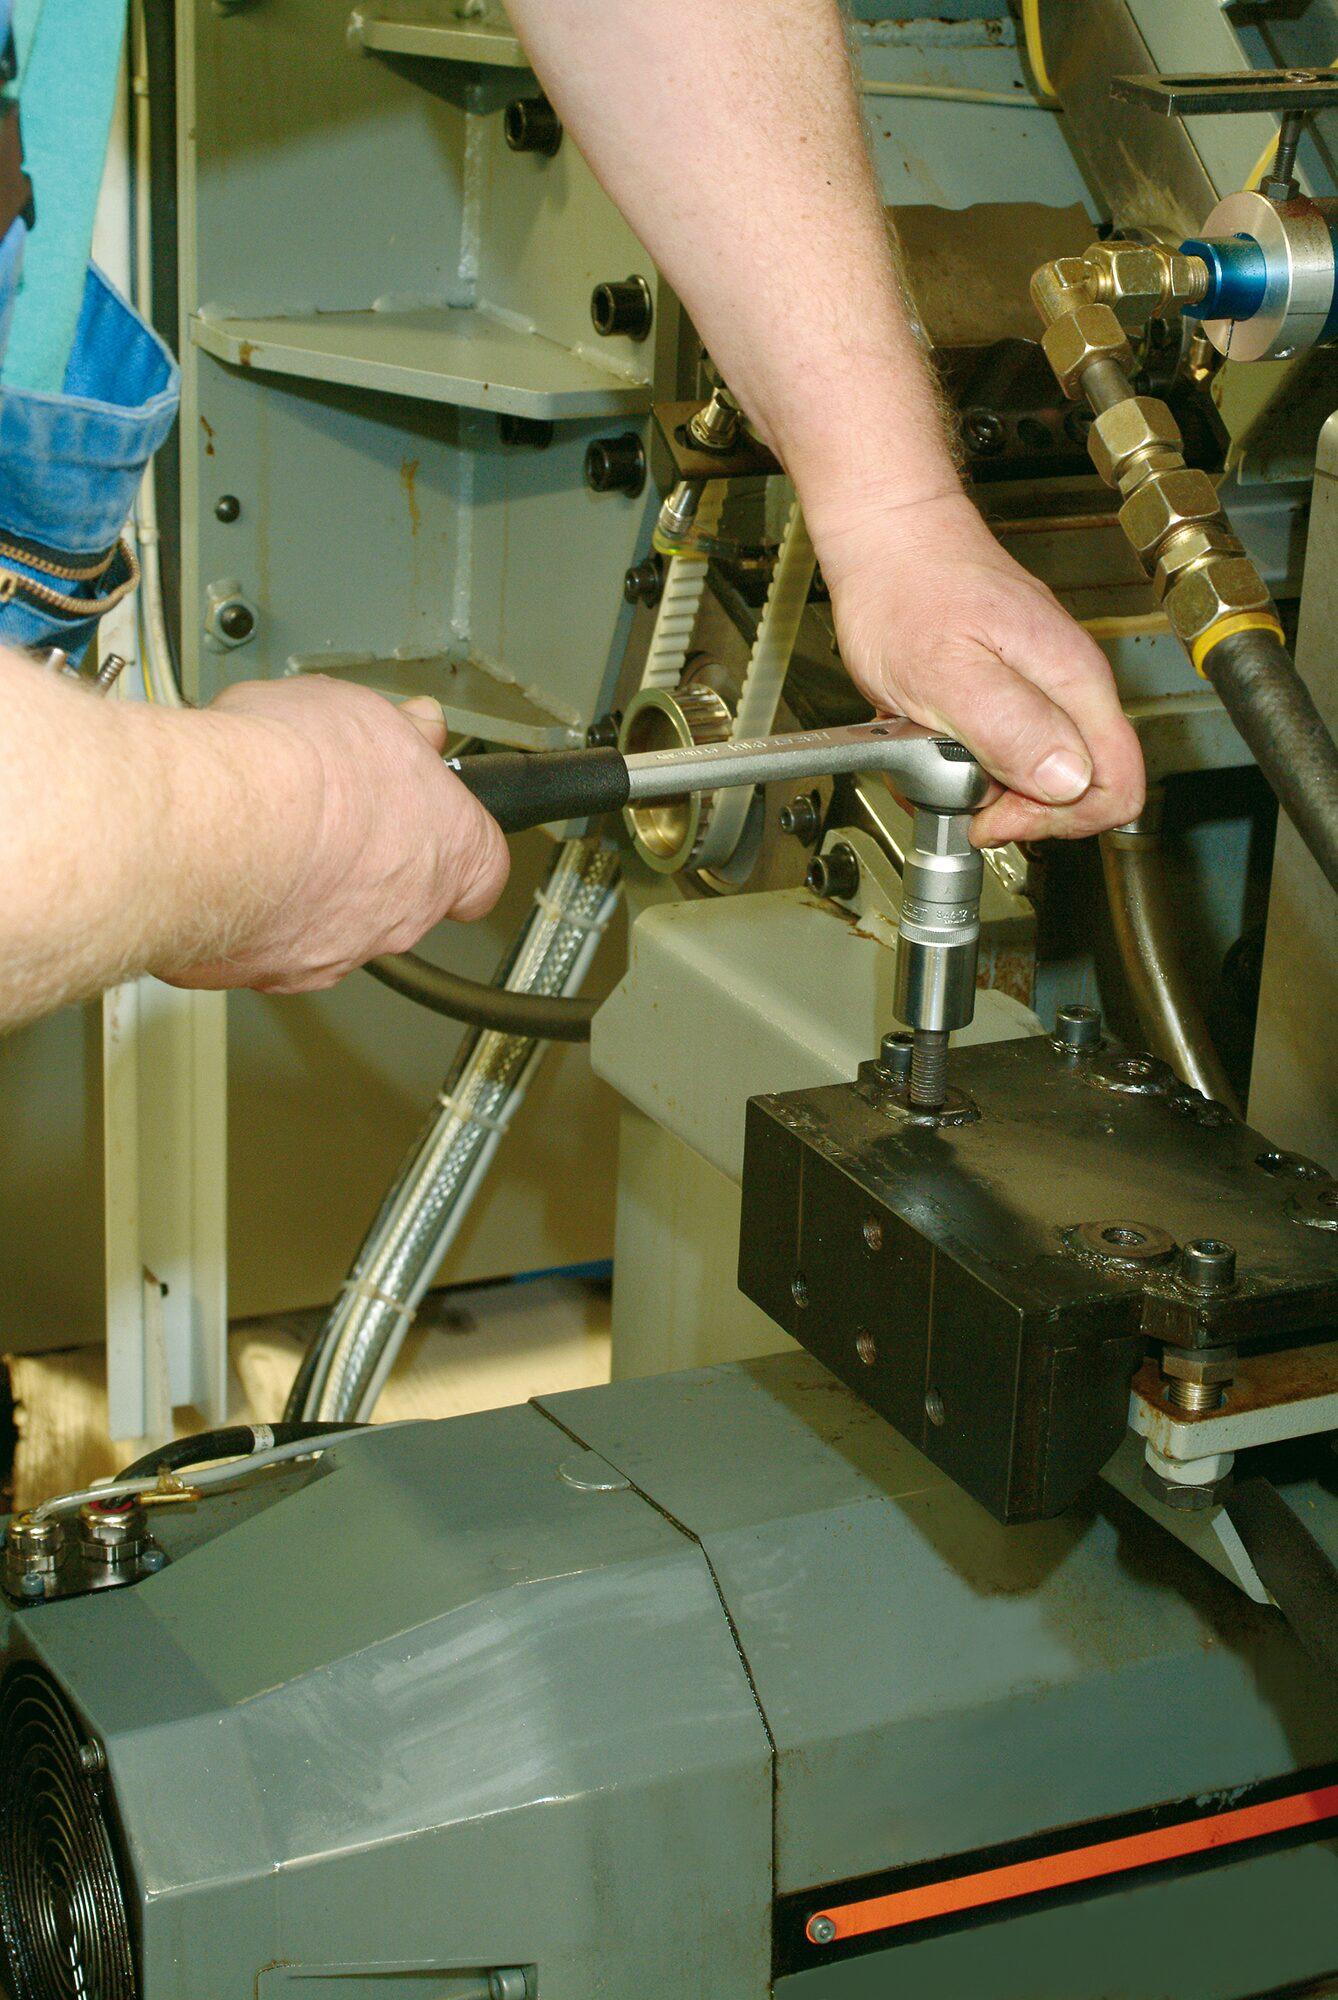 HAZET Stehbolzen-Ausdreher 844-12 ∙ Vierkant hohl 12,5 mm (1/2 Zoll) ∙ 27 mm